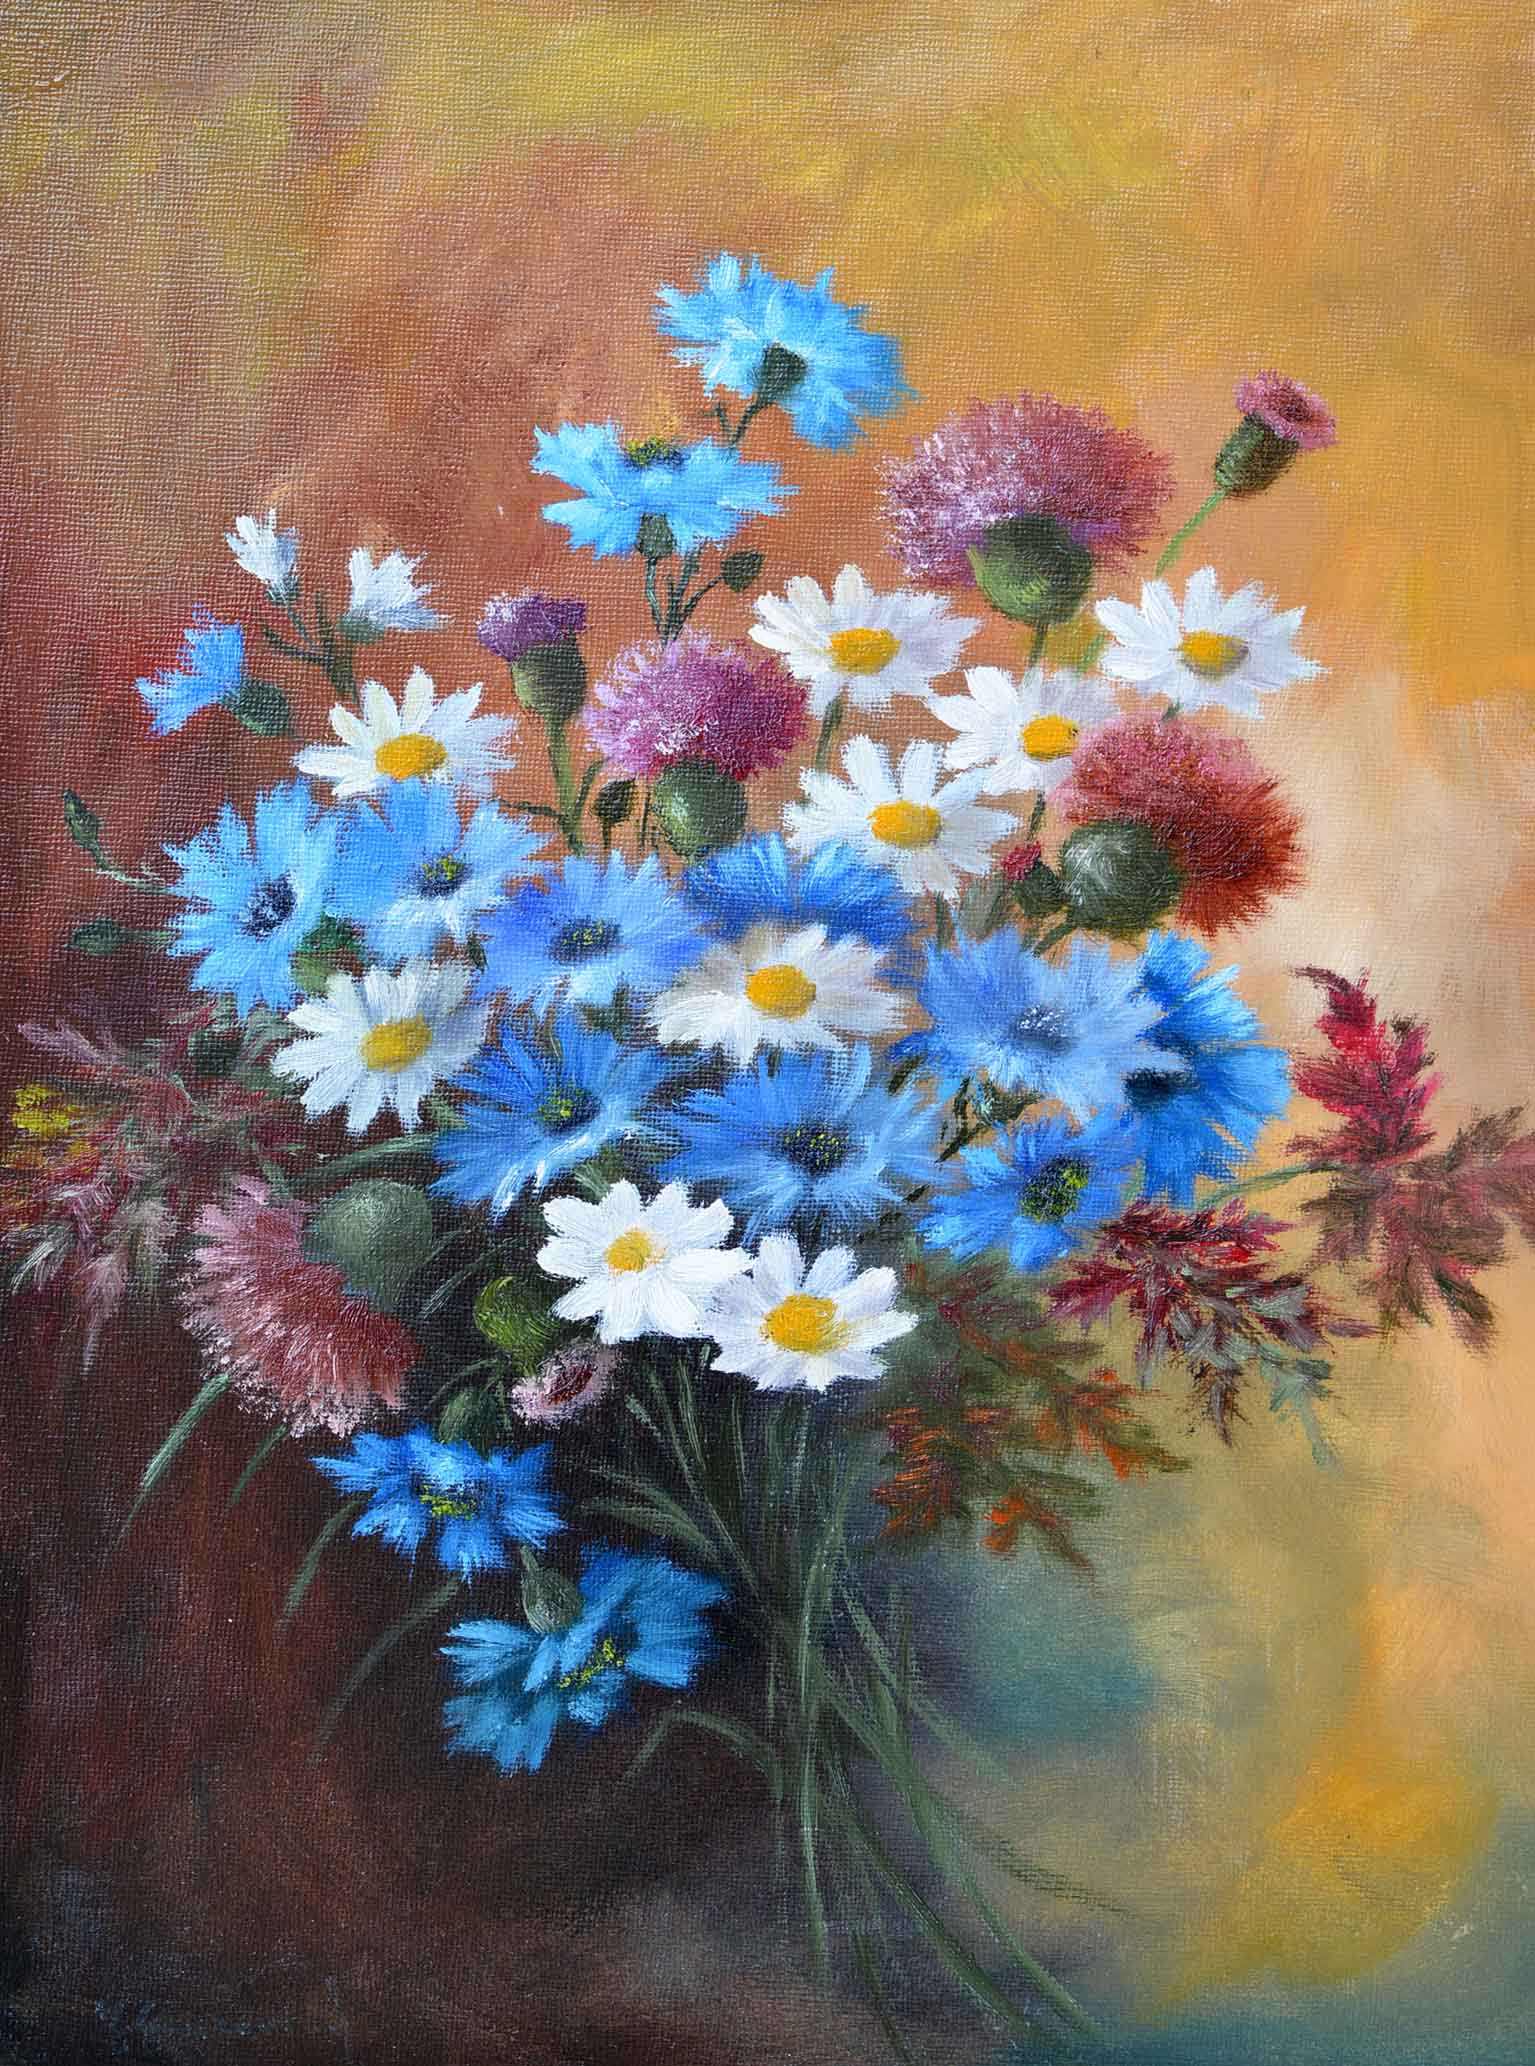 Dipinti di fiori quadri con fiori moderni dipinti for Quadri fiori olio